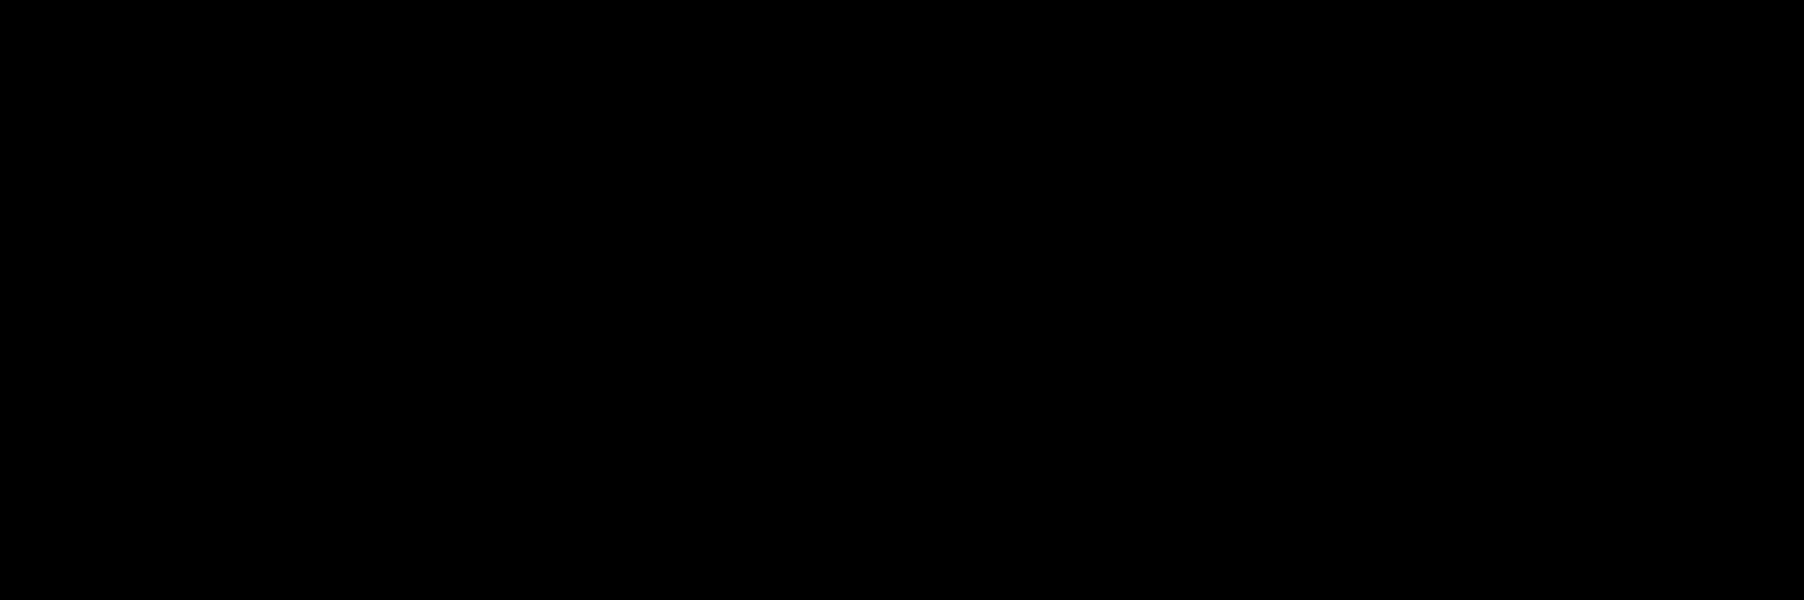 Waschen Symbole, 60 Grad, Schontrocknen